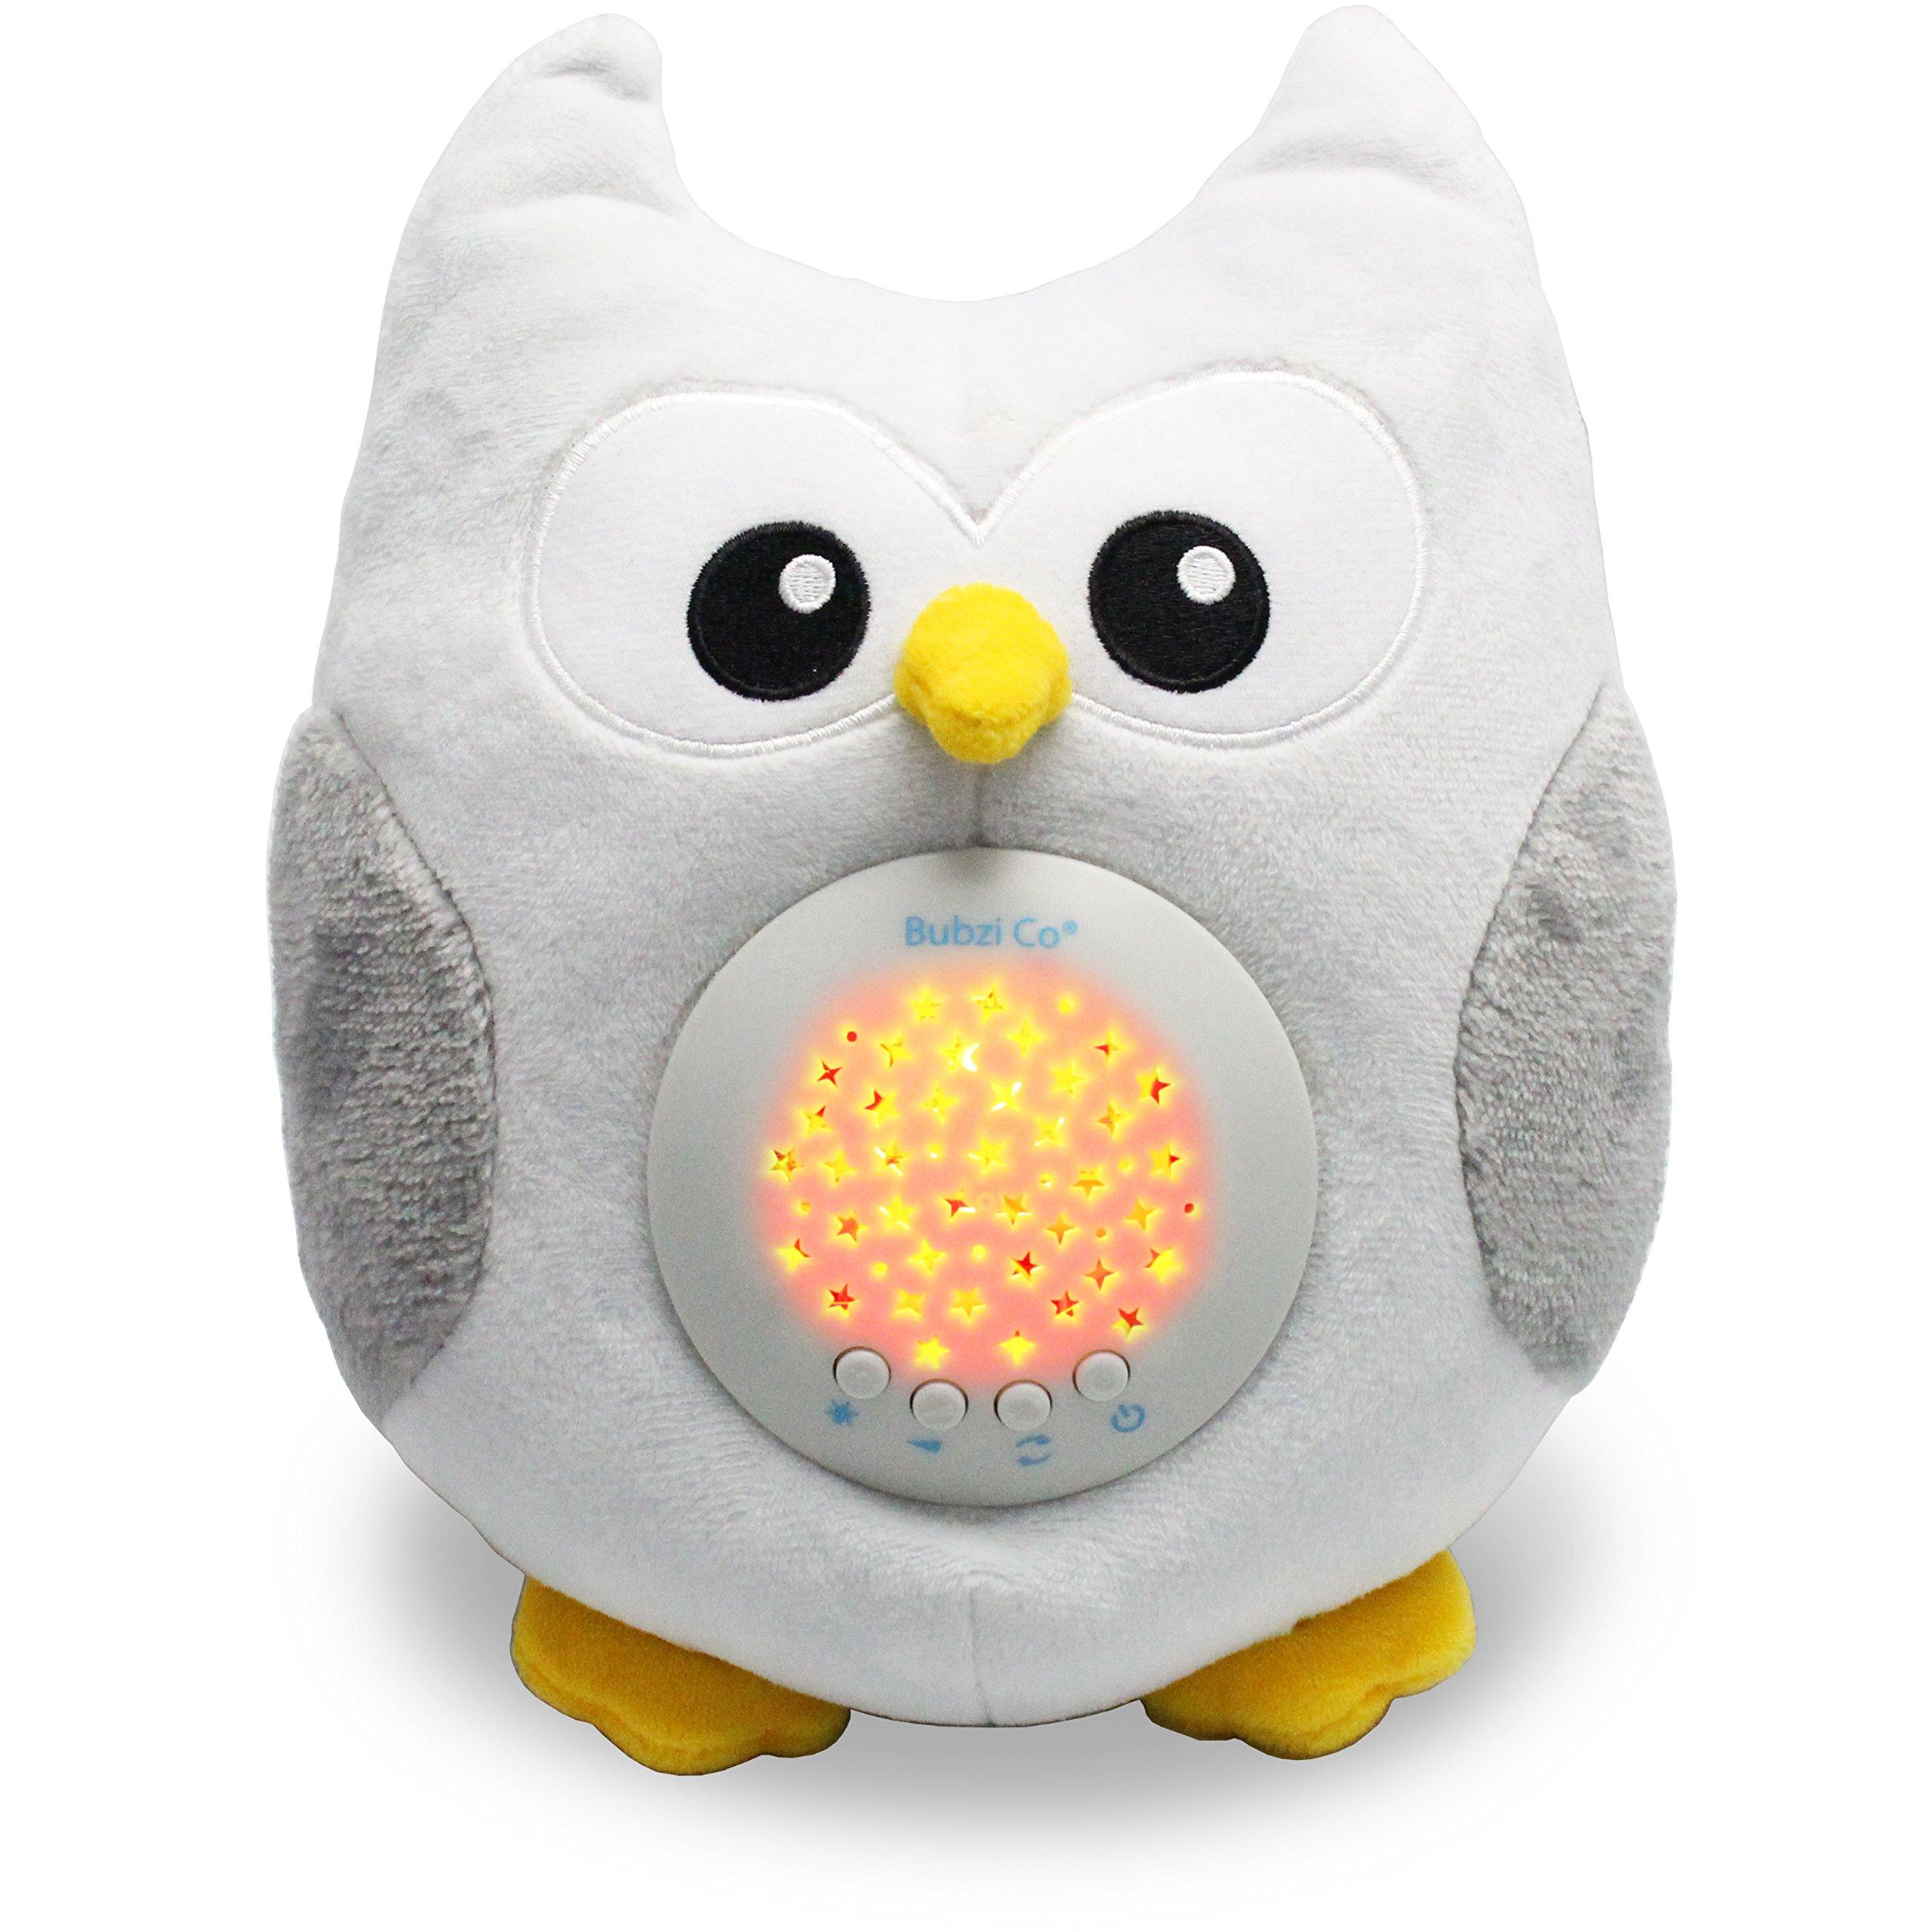 Bubzi Co Ruido Blanco Baby Sleep Luz de noche & Aparato de sonido para calmar & Regalo para Bebé, Proyector Estrella de LED & Búho de peluche con 10 canciones populares & Música niños juguete de felpa